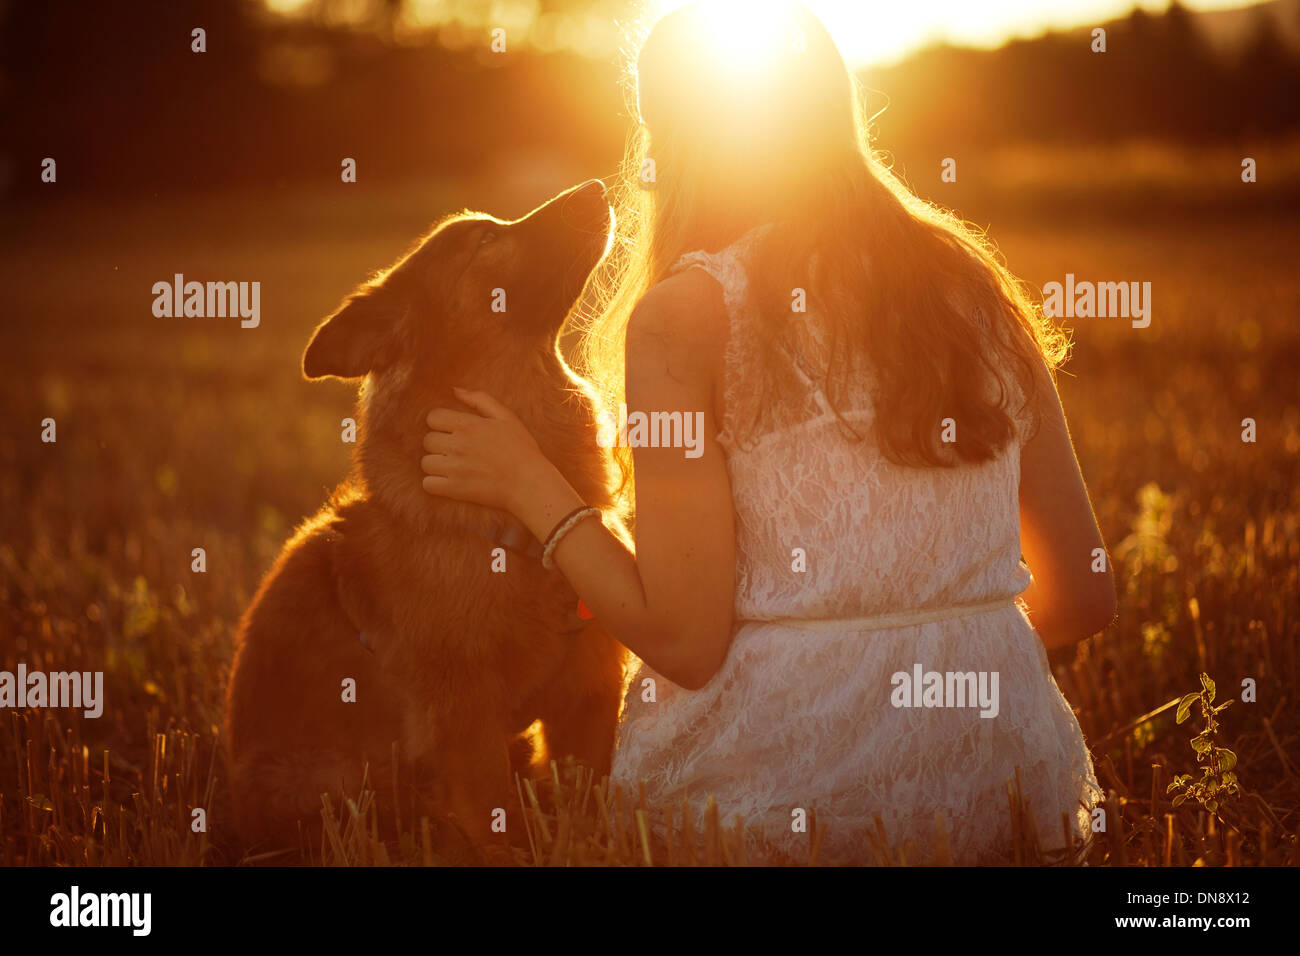 Donna con cane seduto su un prato al tramonto Immagini Stock